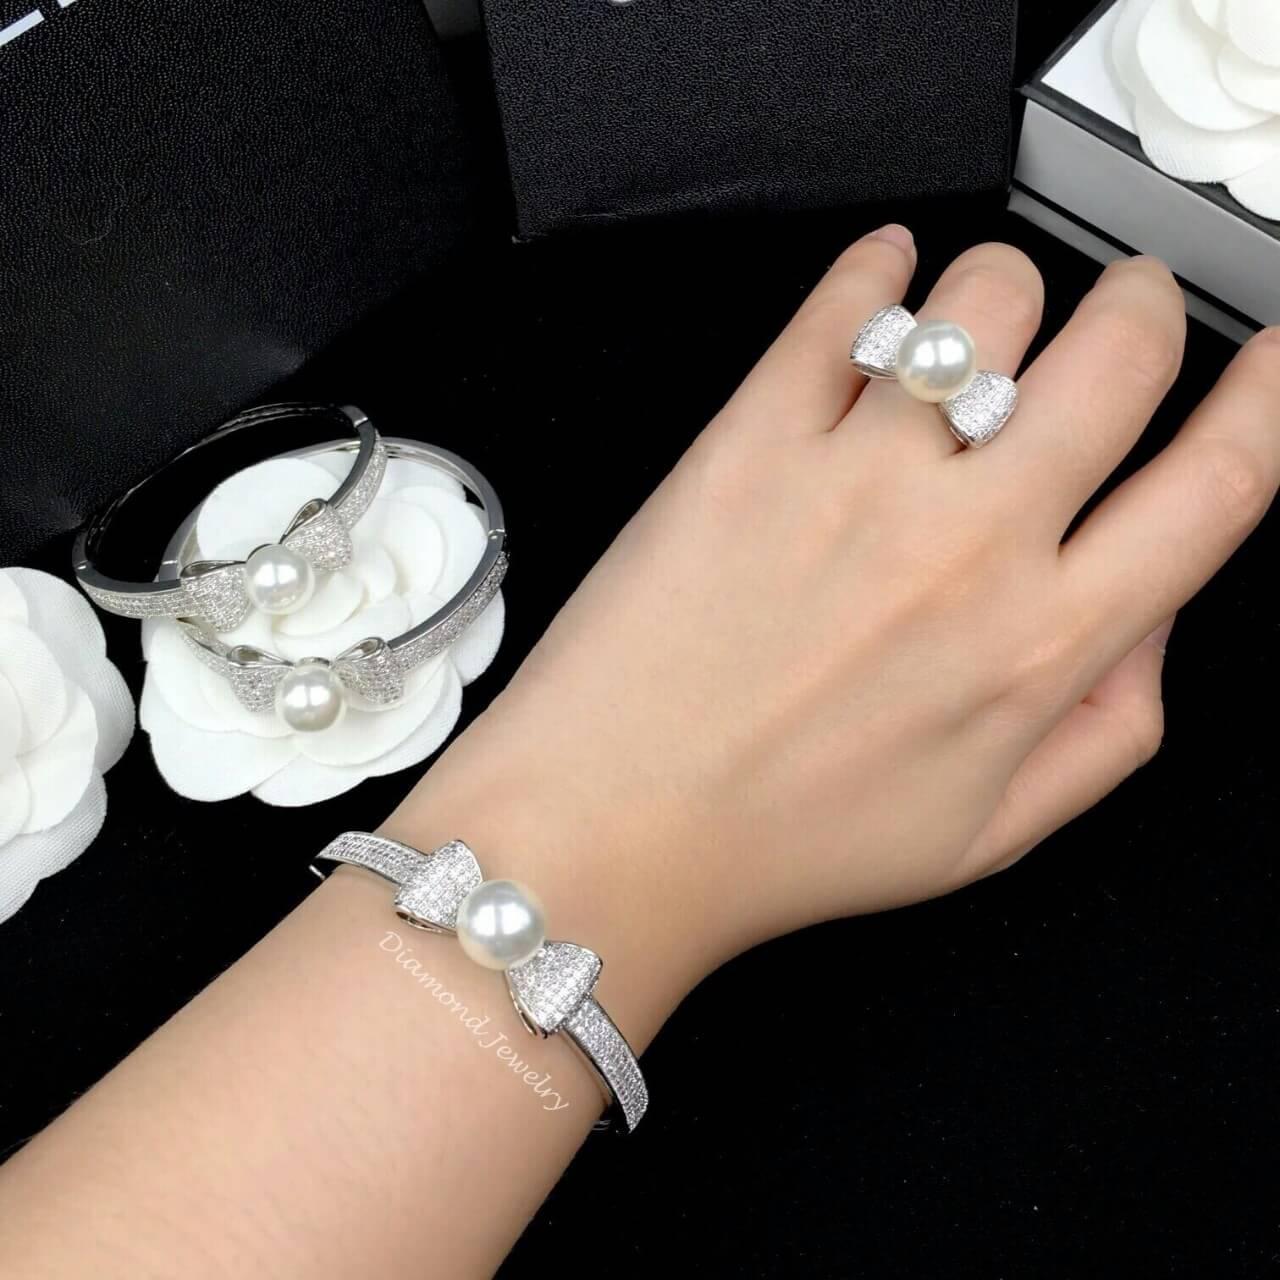 พร้อมส่ง Pearl Bracelet & Ring กำไลเพชร CZ แท้ประดับมุก